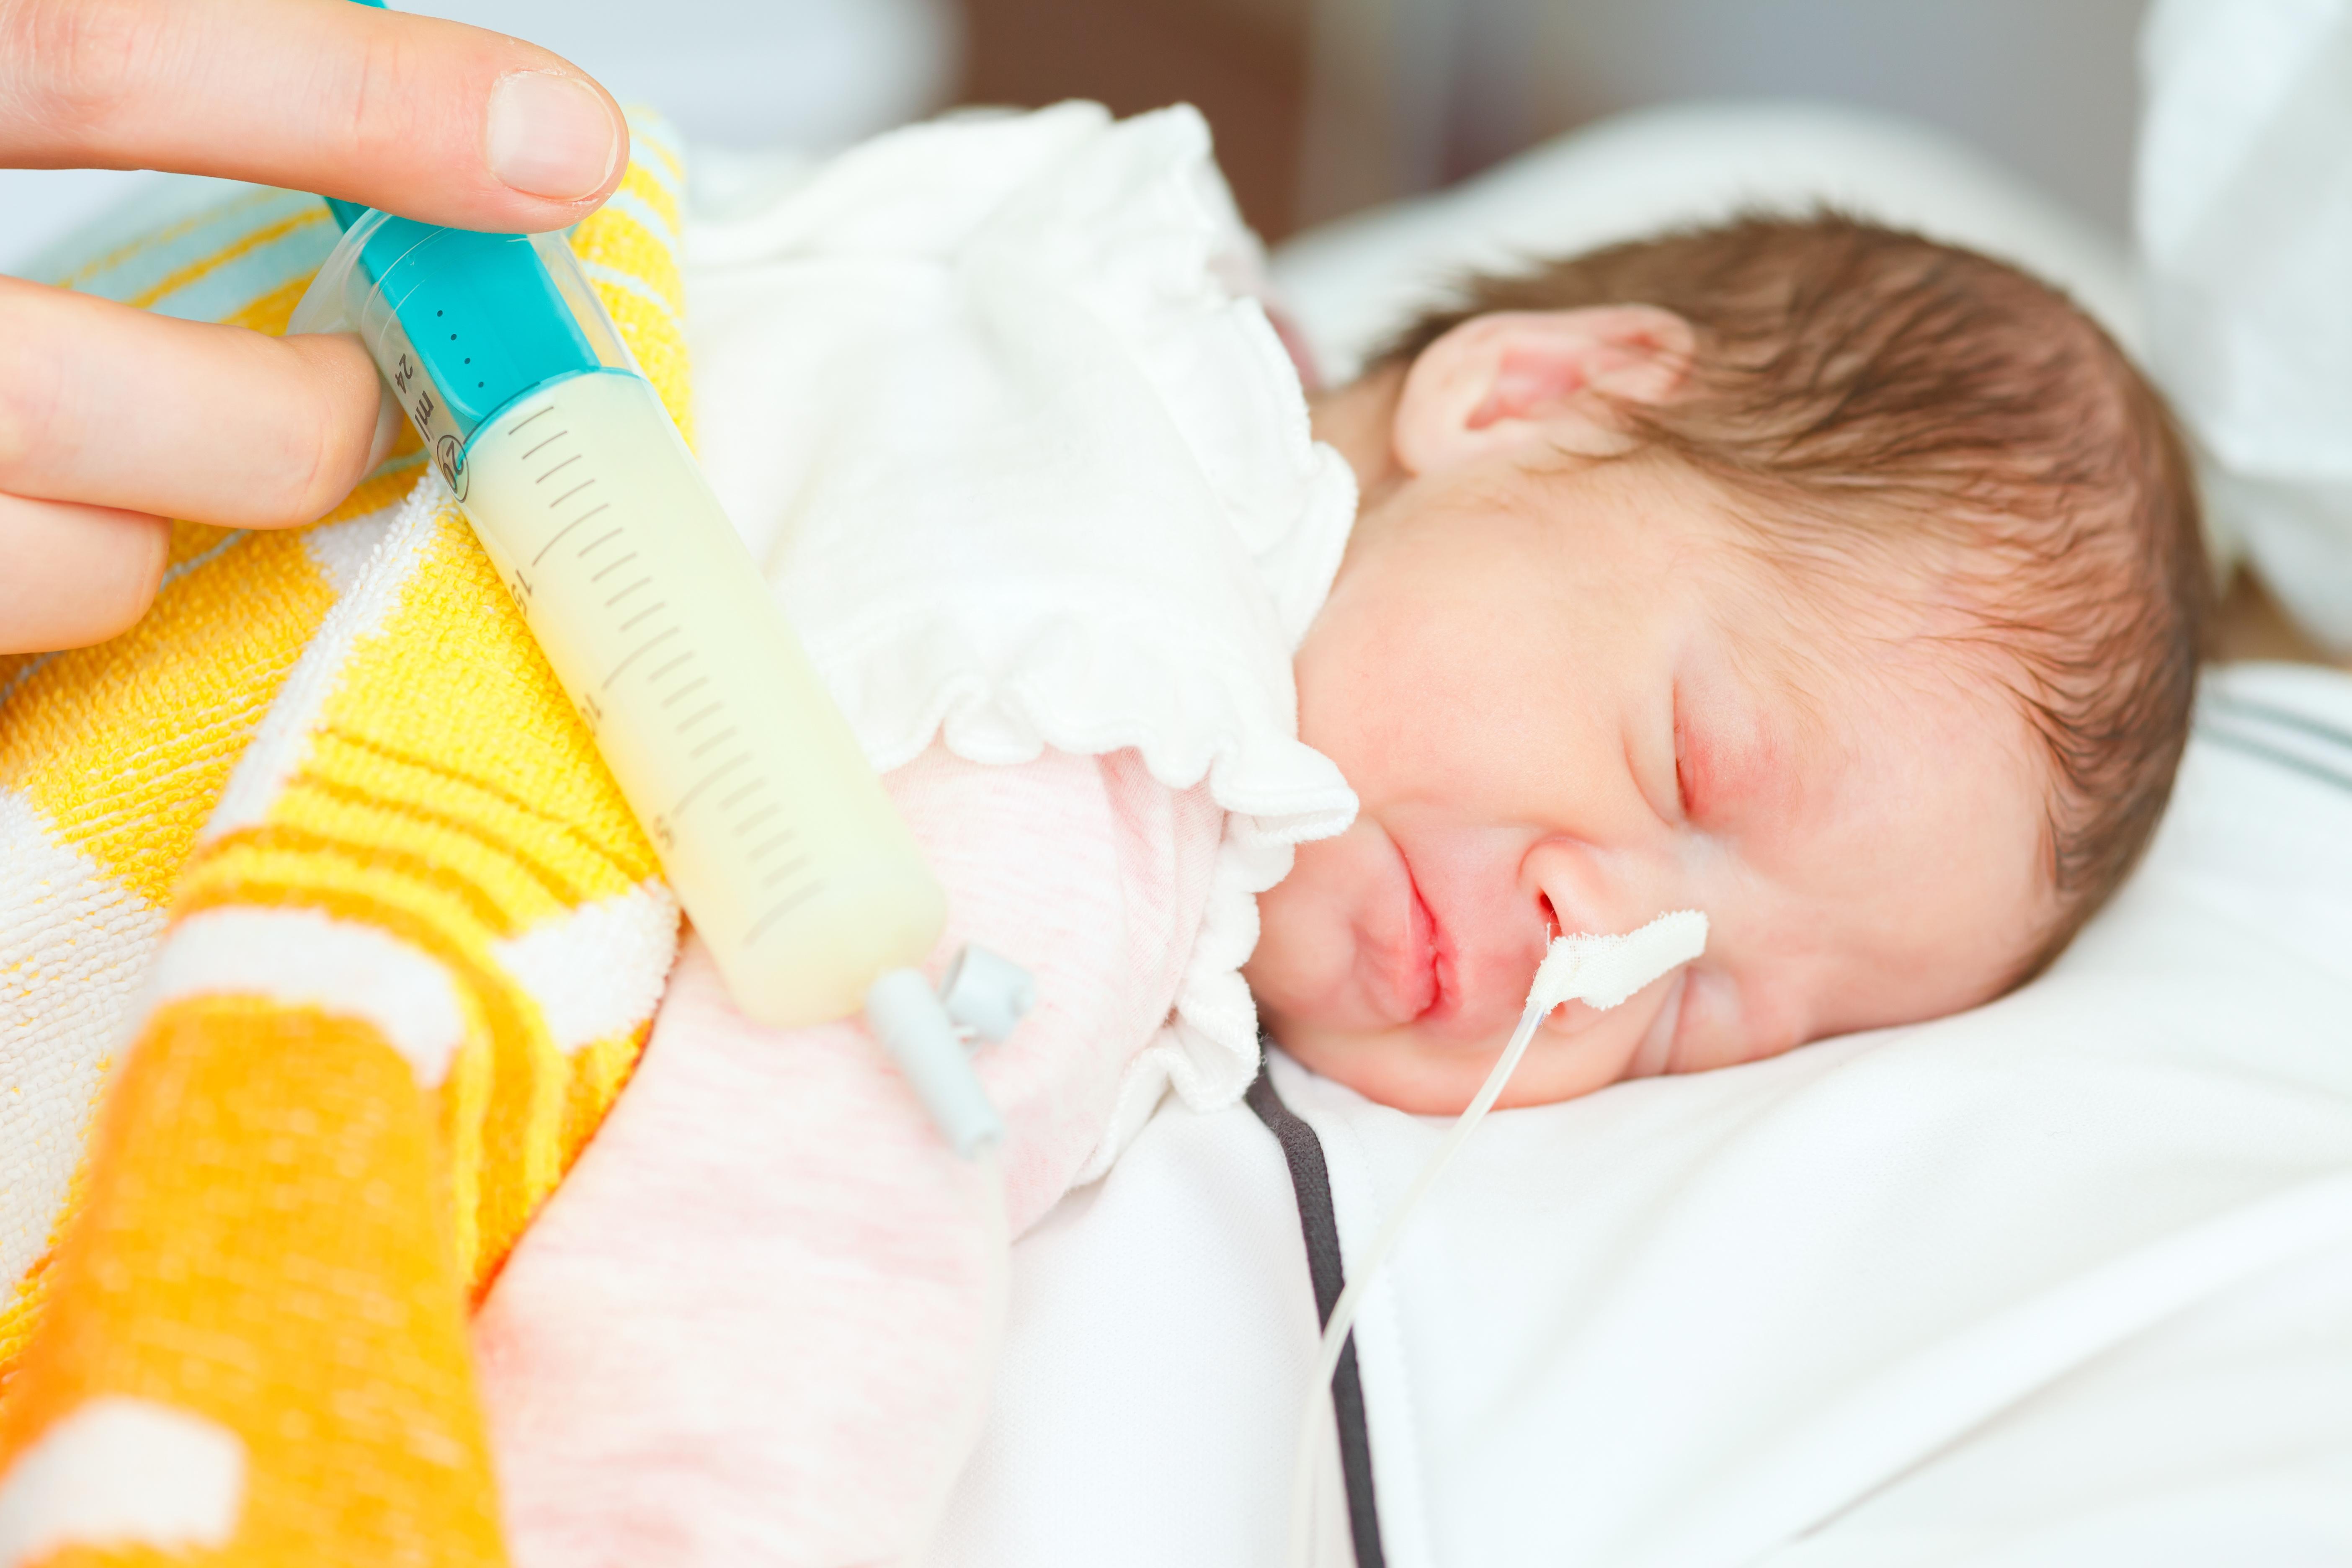 Les garçons prématurés « font moins bien » bien que les garçons de poids normal de naissance ou même que les filles nées prématurément (Visuel Adobe Stock 49522430)